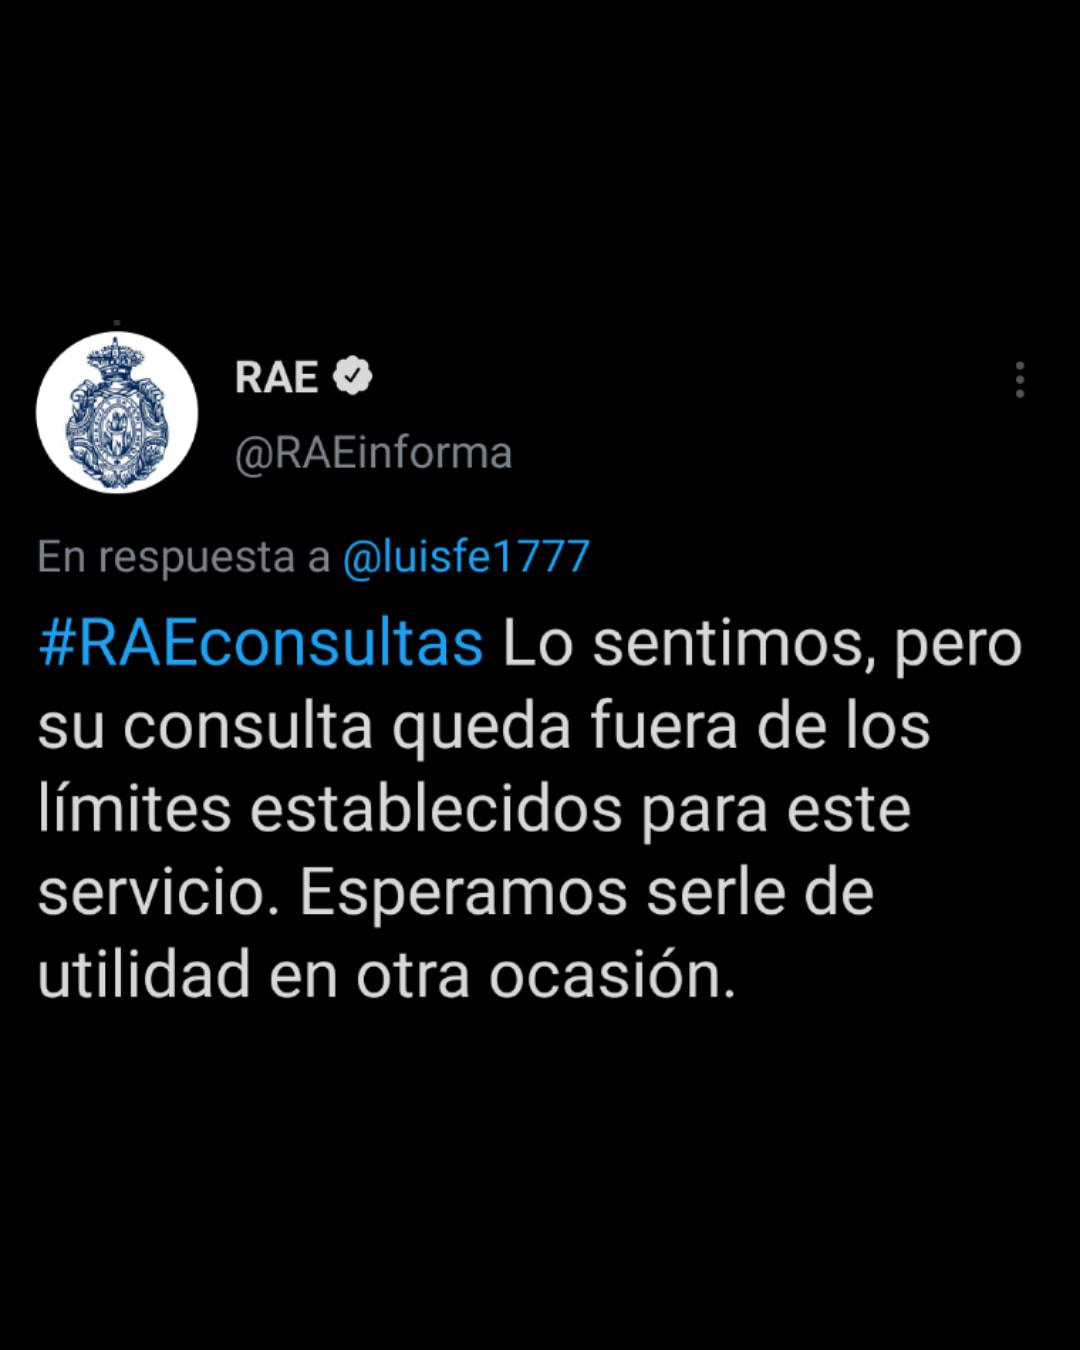 En respuesta a  @luisfe1777 #RAEconsultas Lo sentimos, pero su consulta queda fuera de los límites establecidos para este servicio. Esperamos serle de utilidad en otra ocasión.